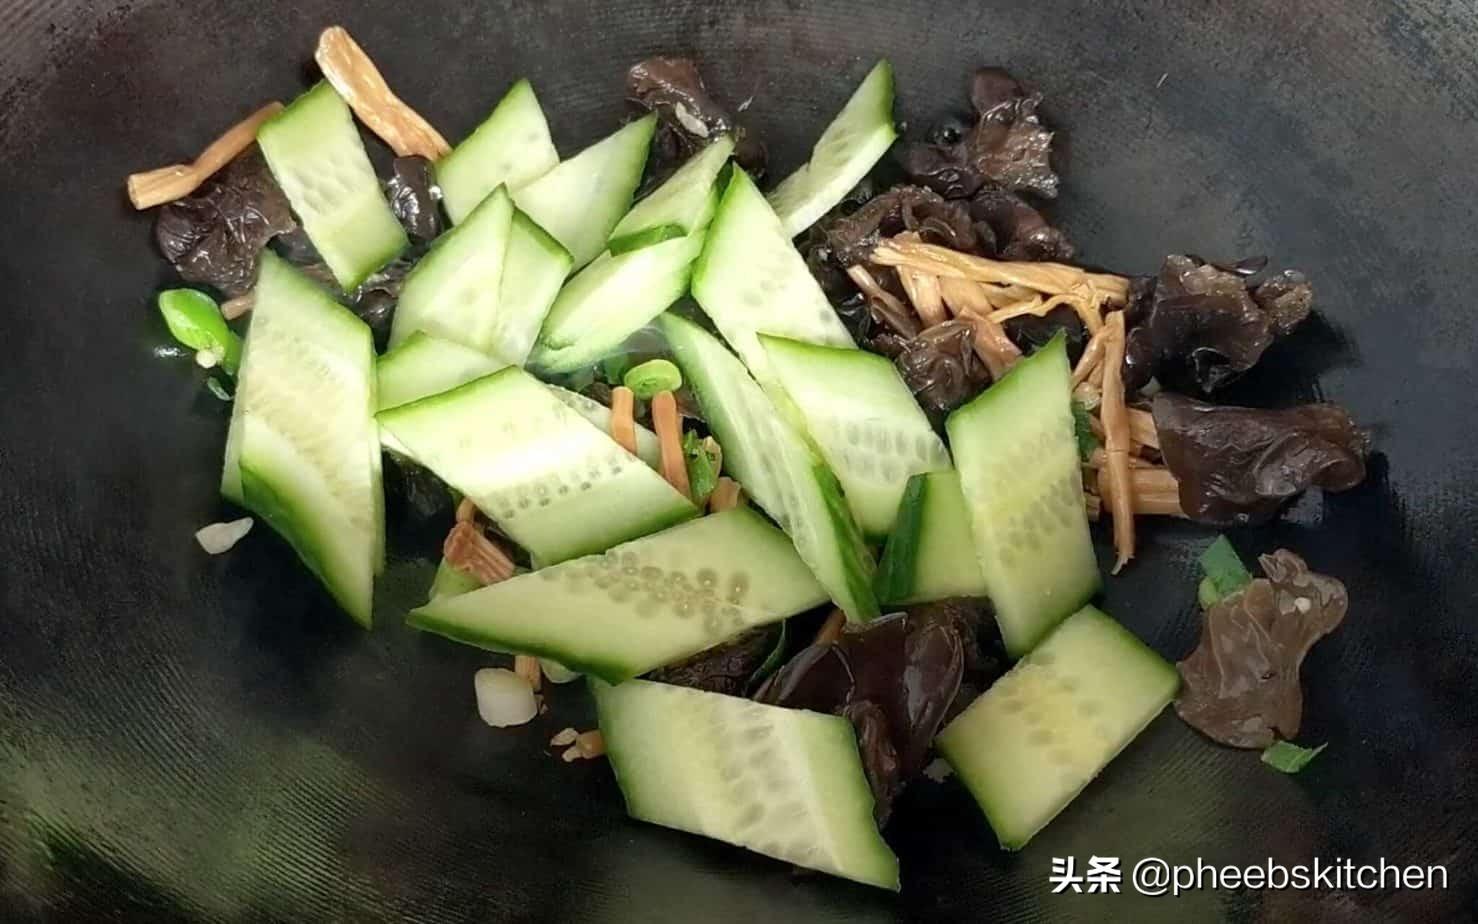 山东传统菜木须肉,营养丰富,很适合老人和孩子,家常做法 美食做法 第10张